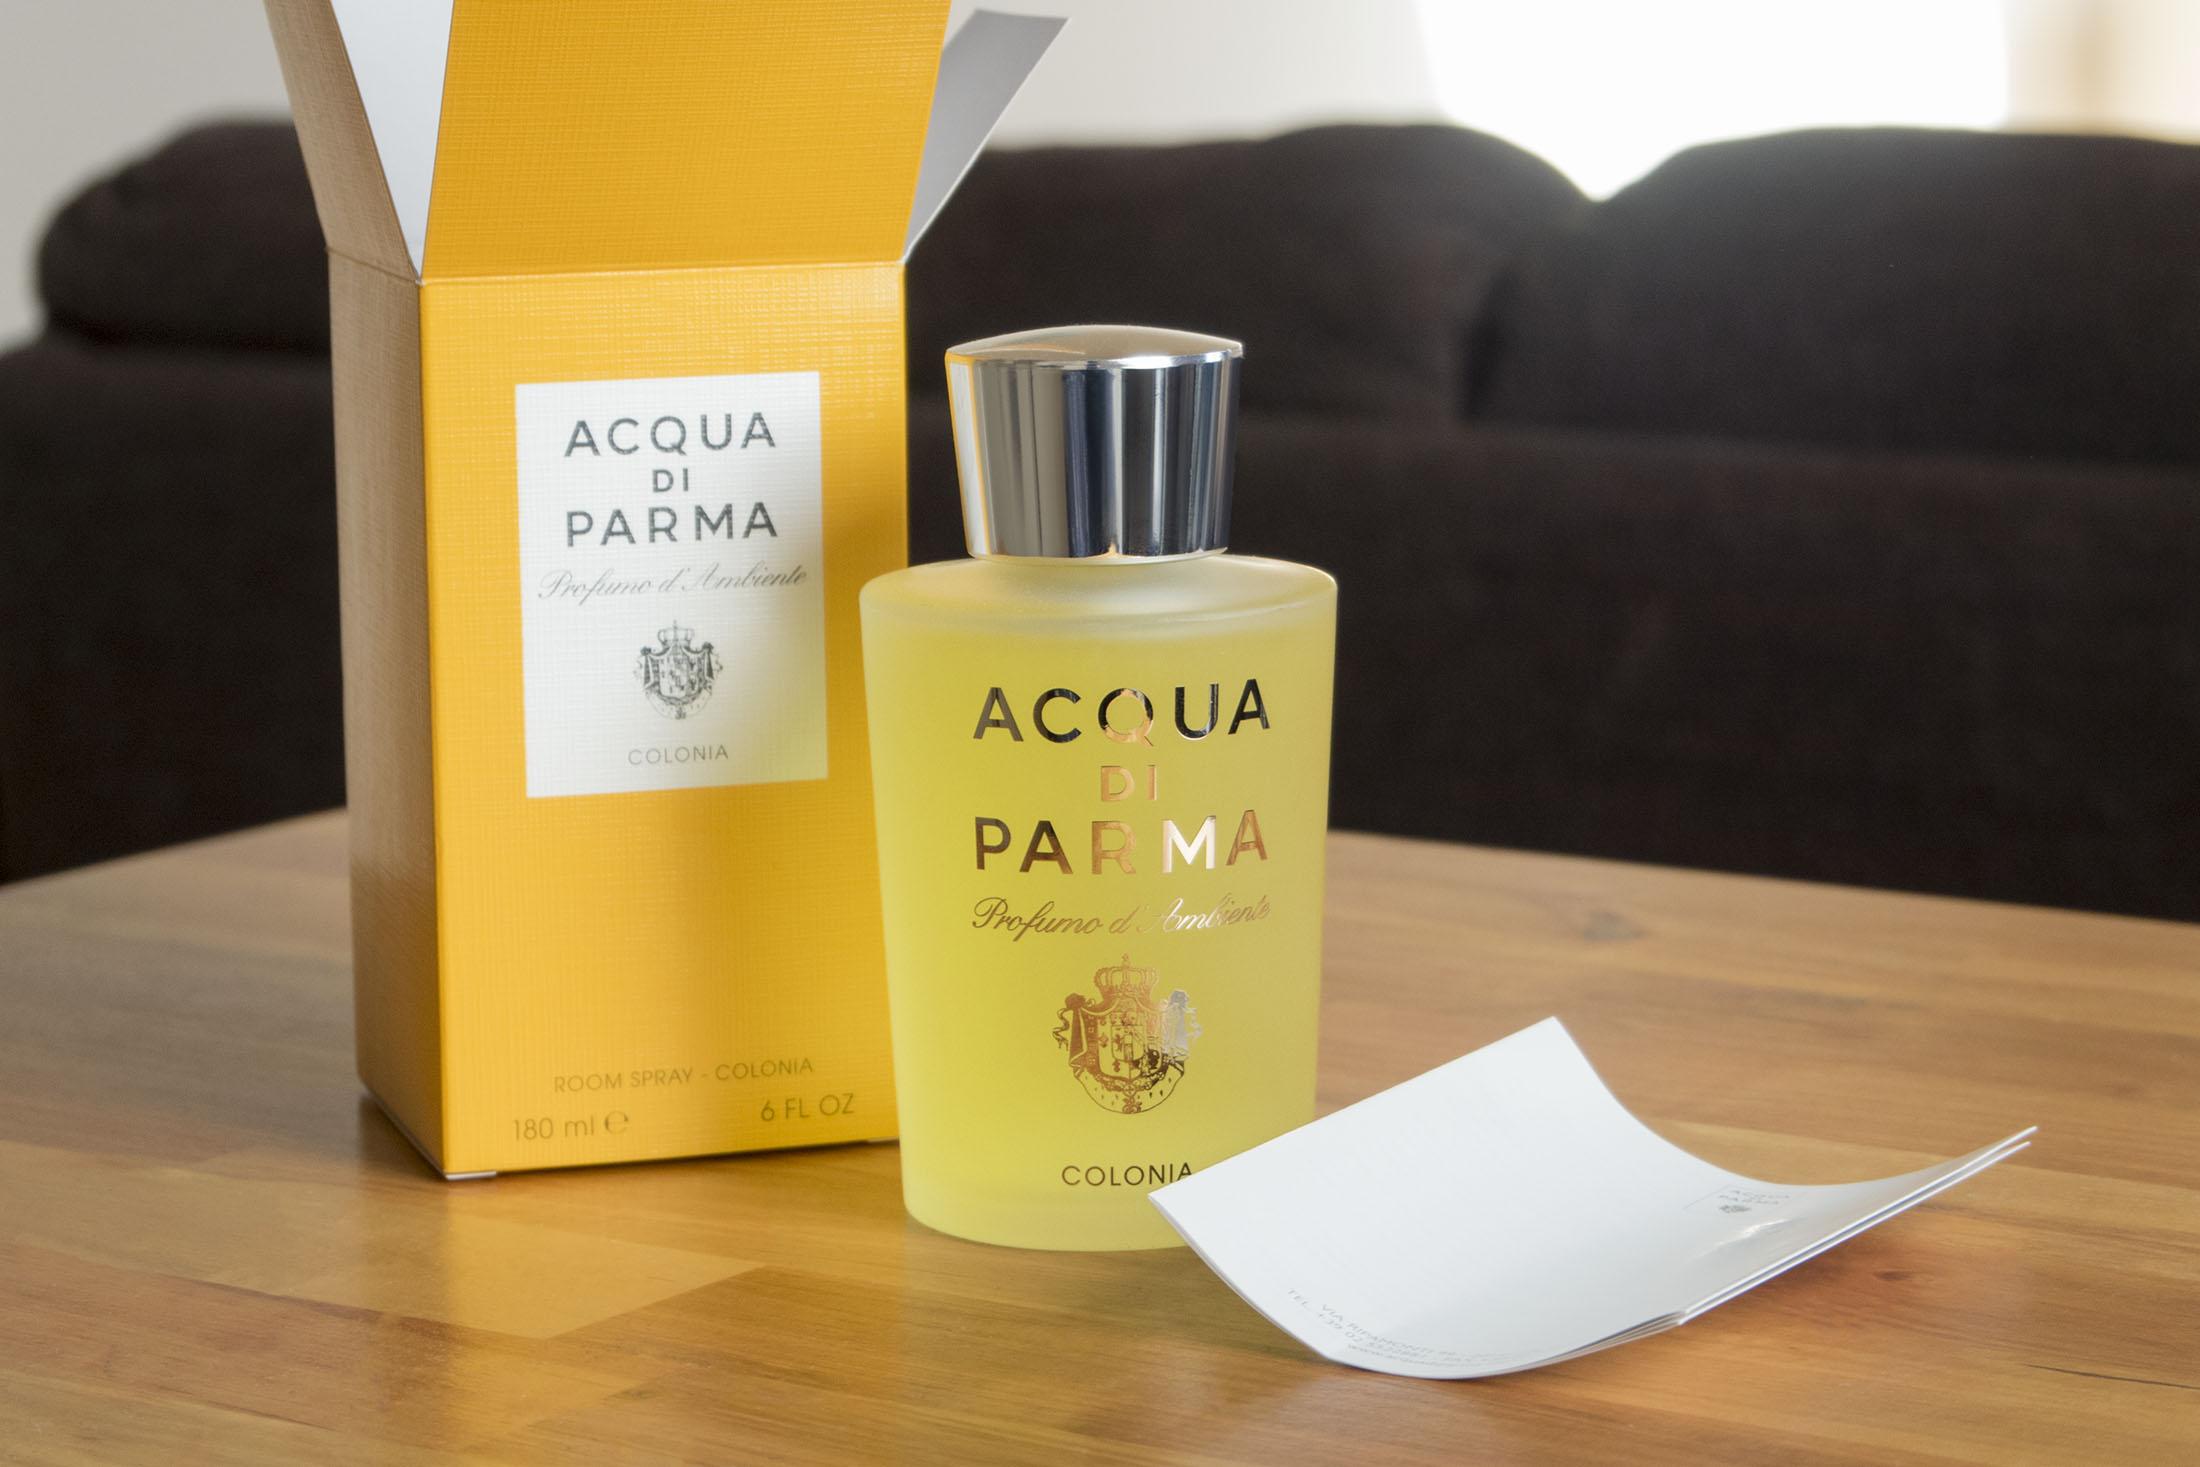 Acqua Di Parma Room Spray: Colonia Accord